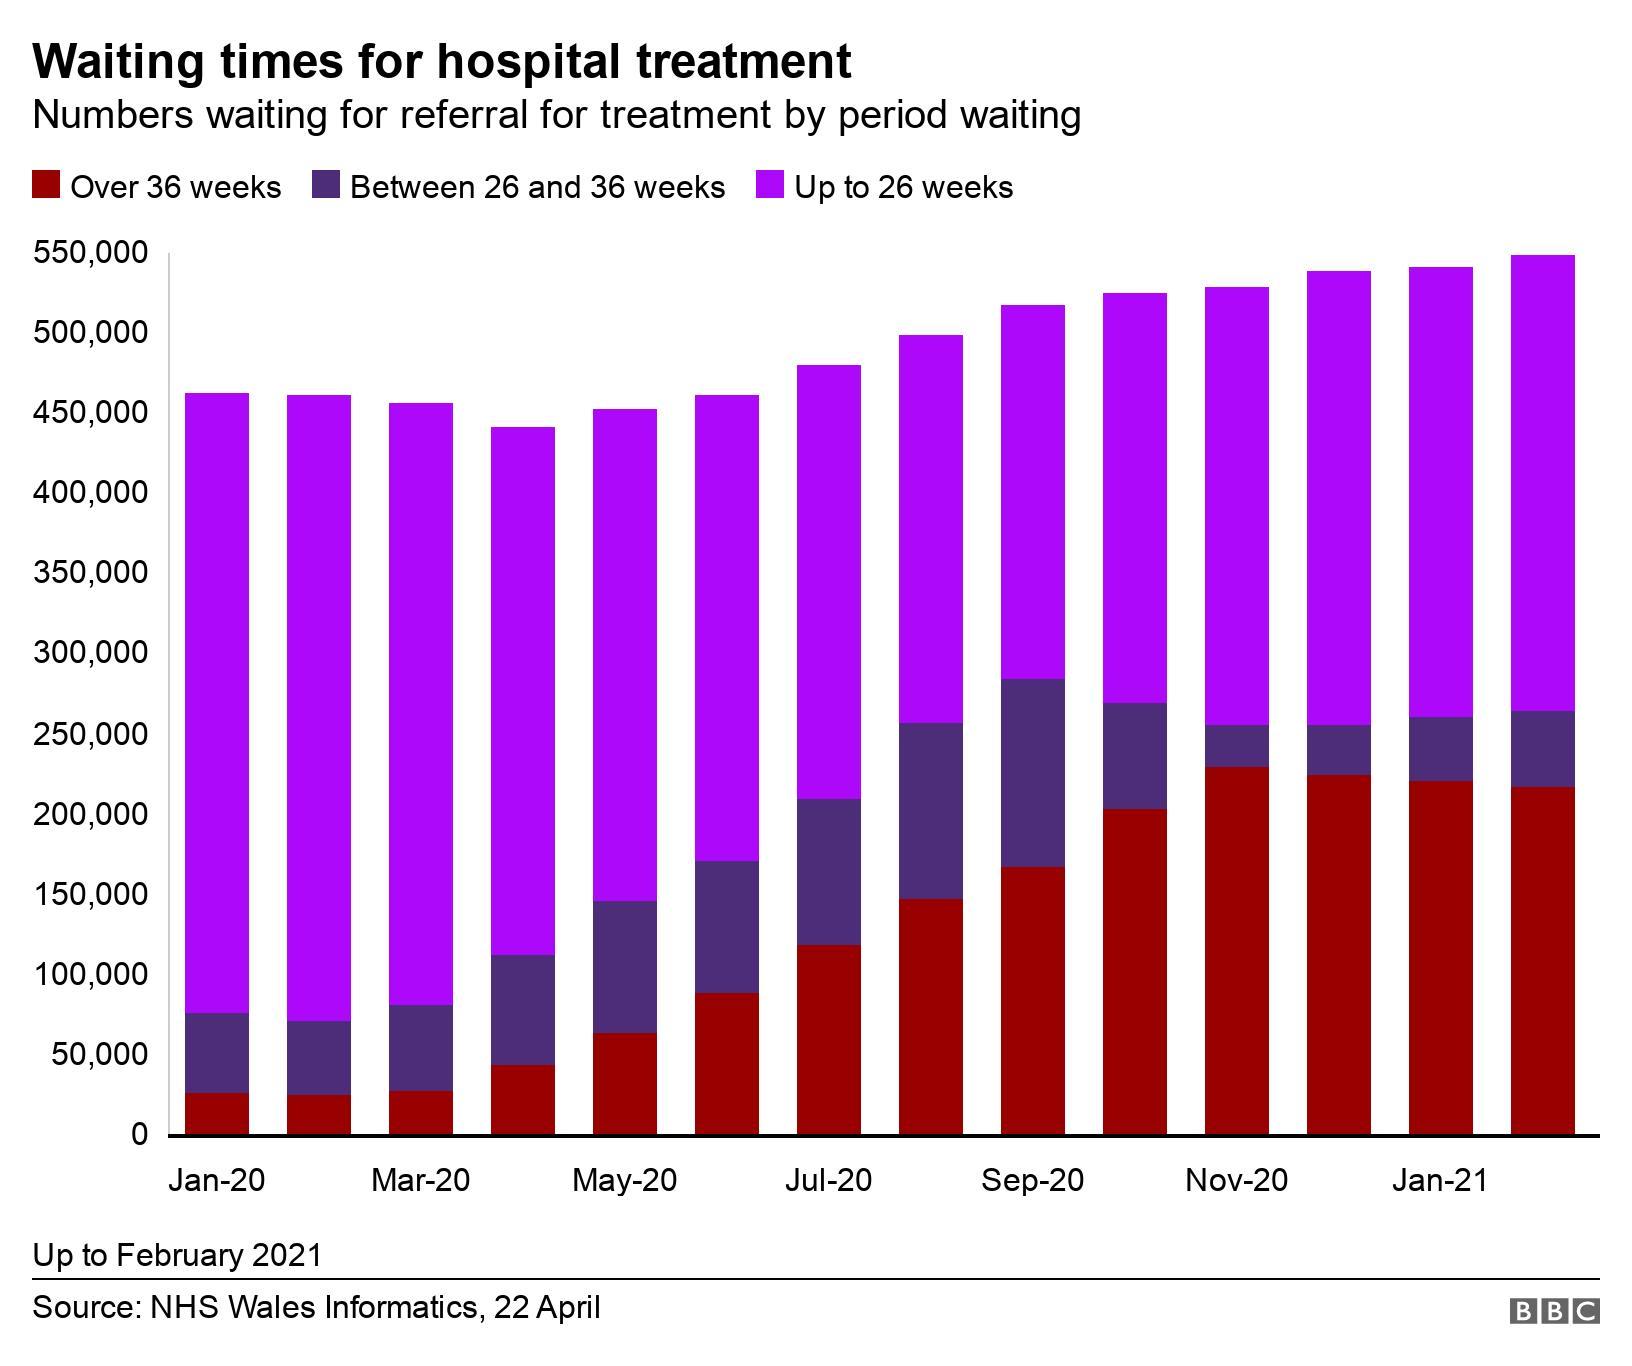 冠状病毒:在流行期间,威尔士国家医疗服务系统等候名单上有50万人